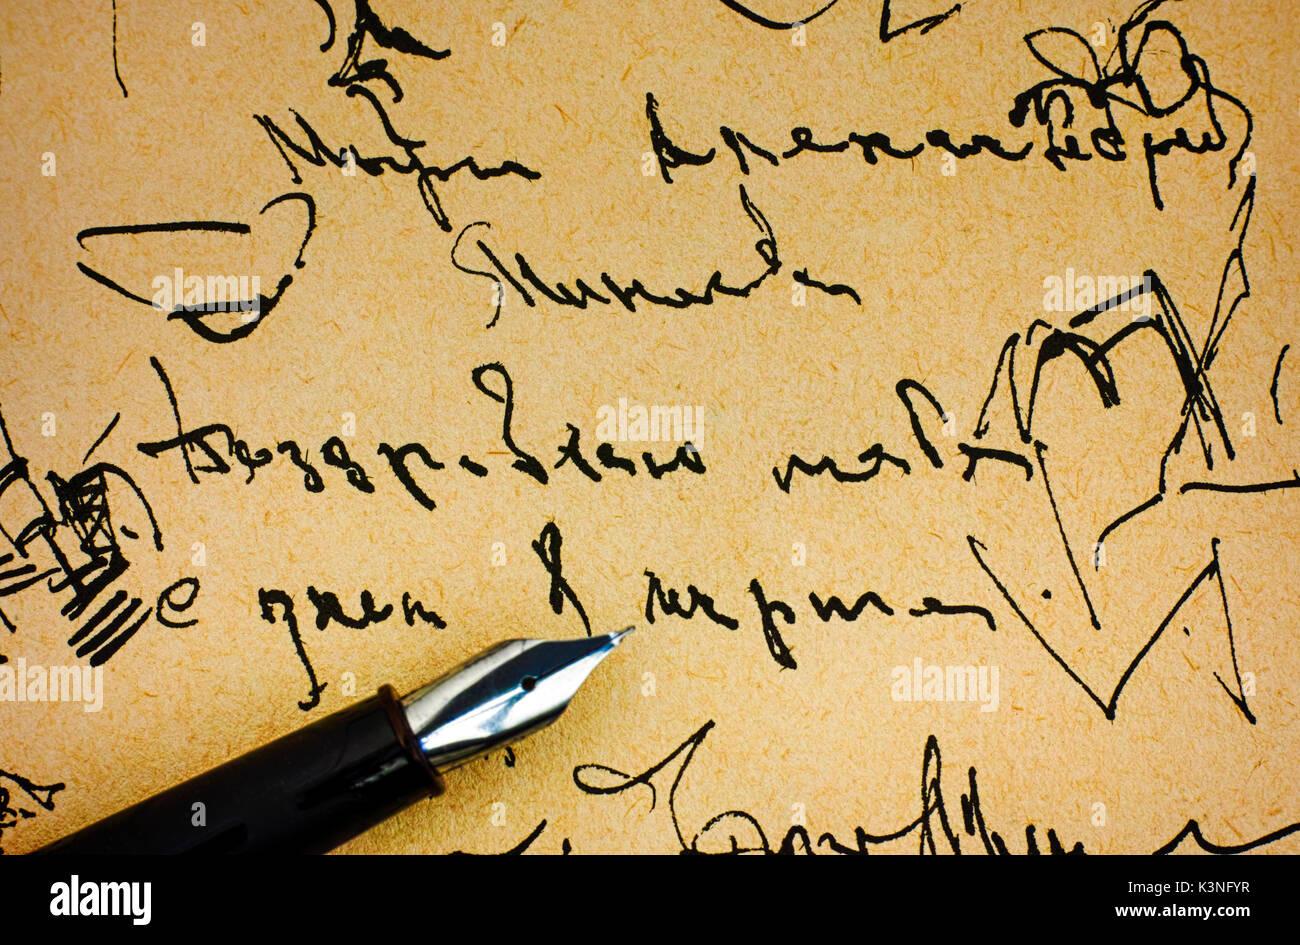 Penna stilografica sulla vecchia carta con inchiostro campione di grafia. Immagini Stock